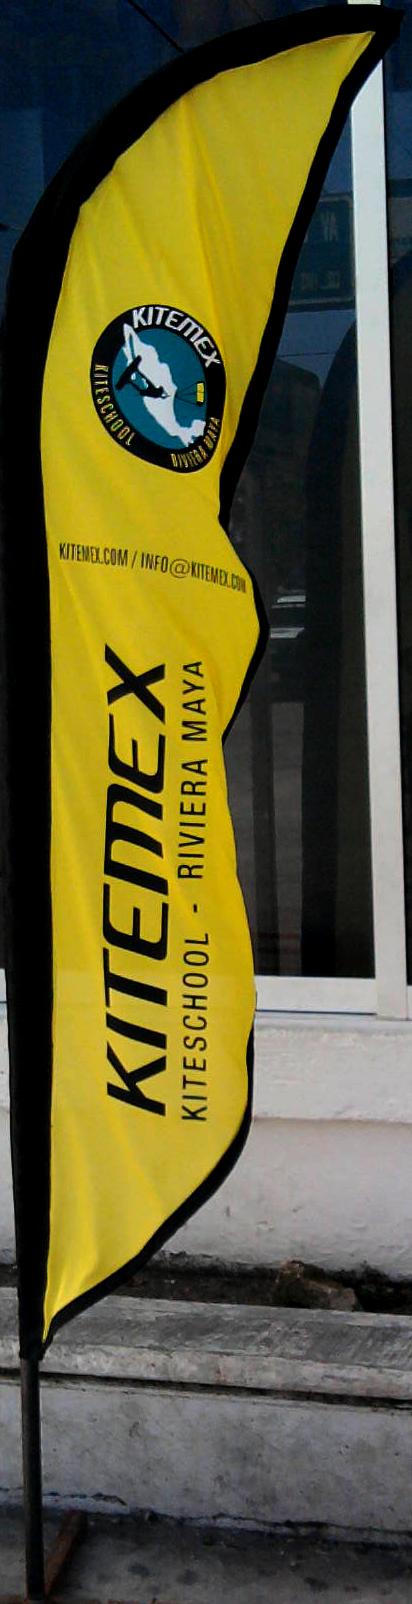 bandera kitemex diseño trafico